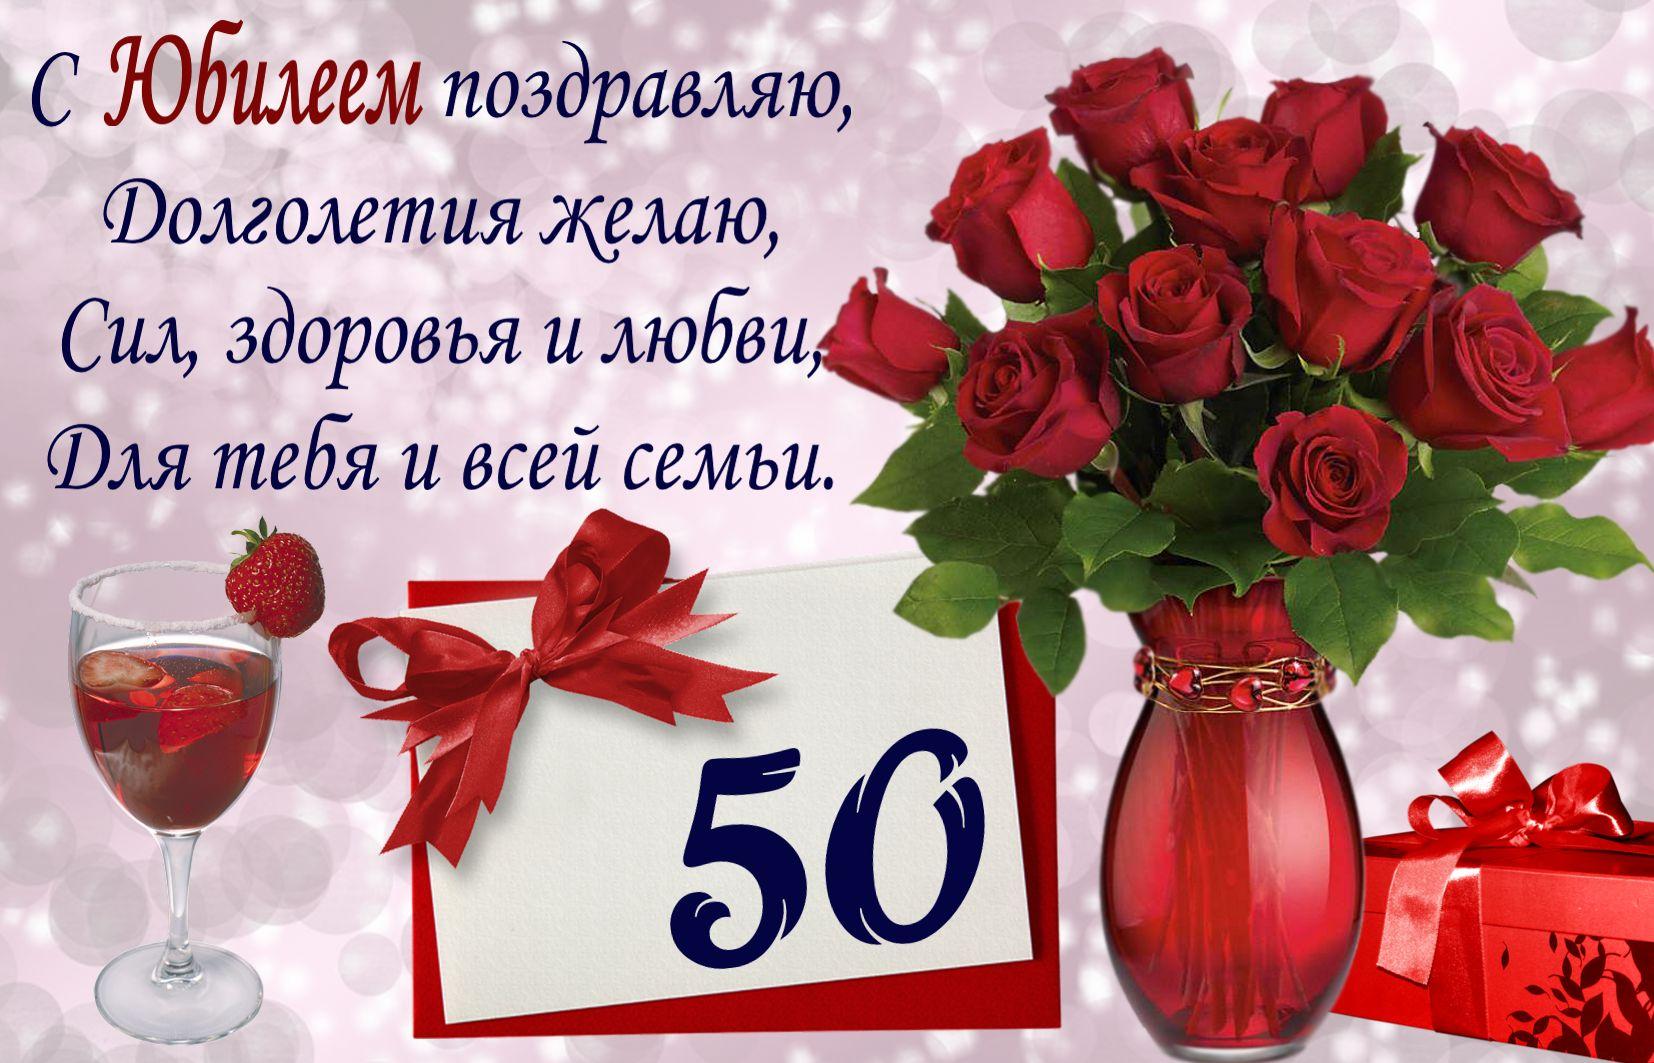 Открытка с букетом роз и пожеланием на юбилей 50 лет